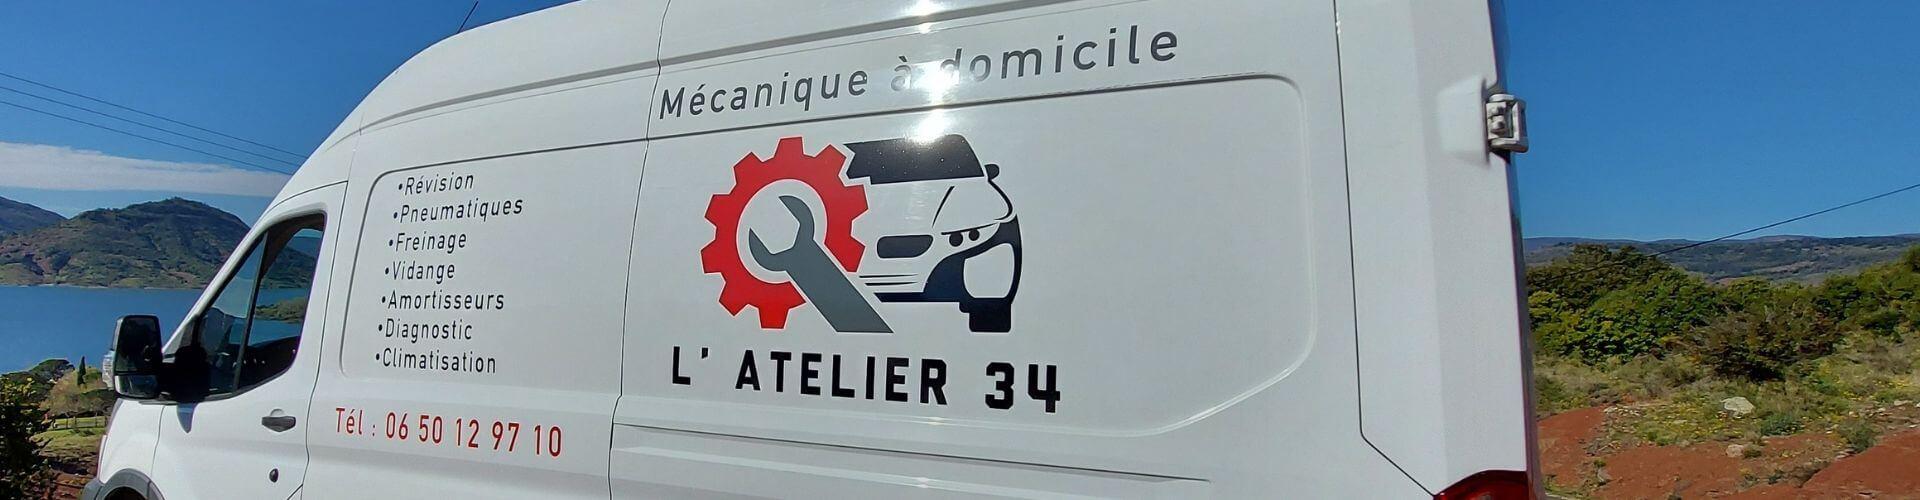 L'Atelier 34 Ceyras mécanique